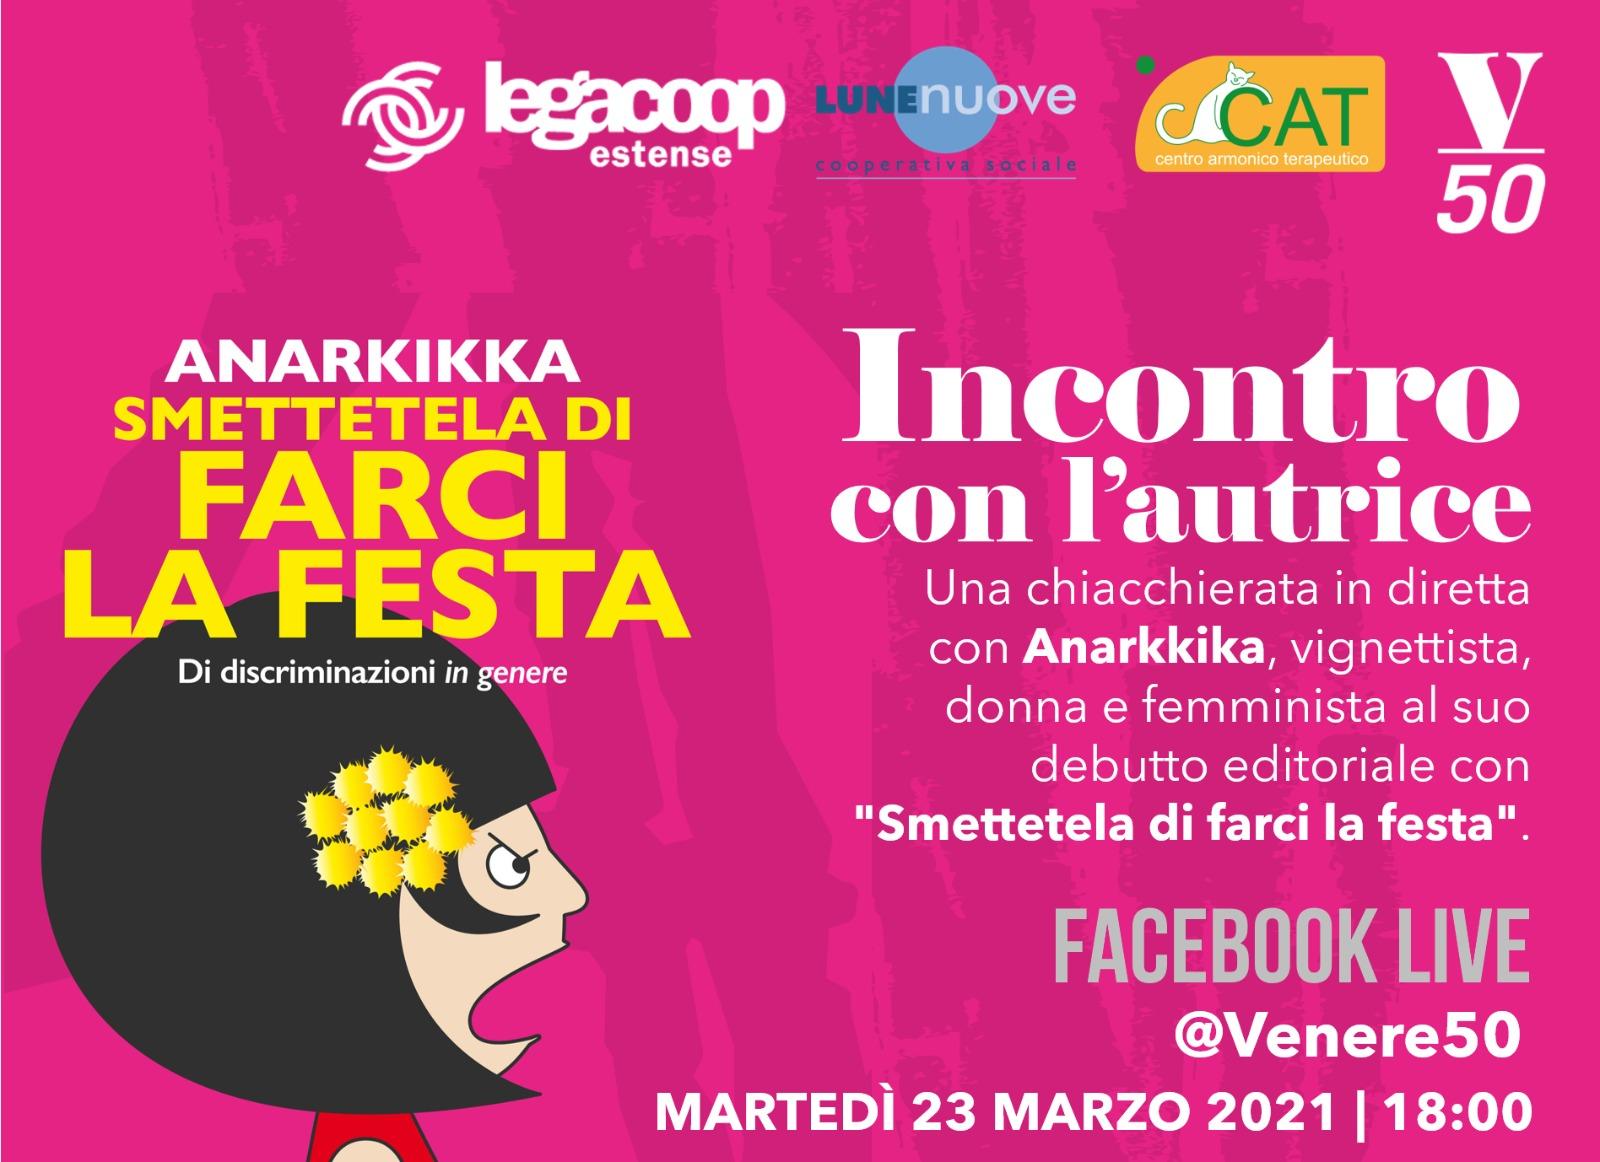 """Legacoop Estense, Lunenuove-Cat e Venere50 presentano: Anarkikka """"Smettetela di farci la festa"""""""